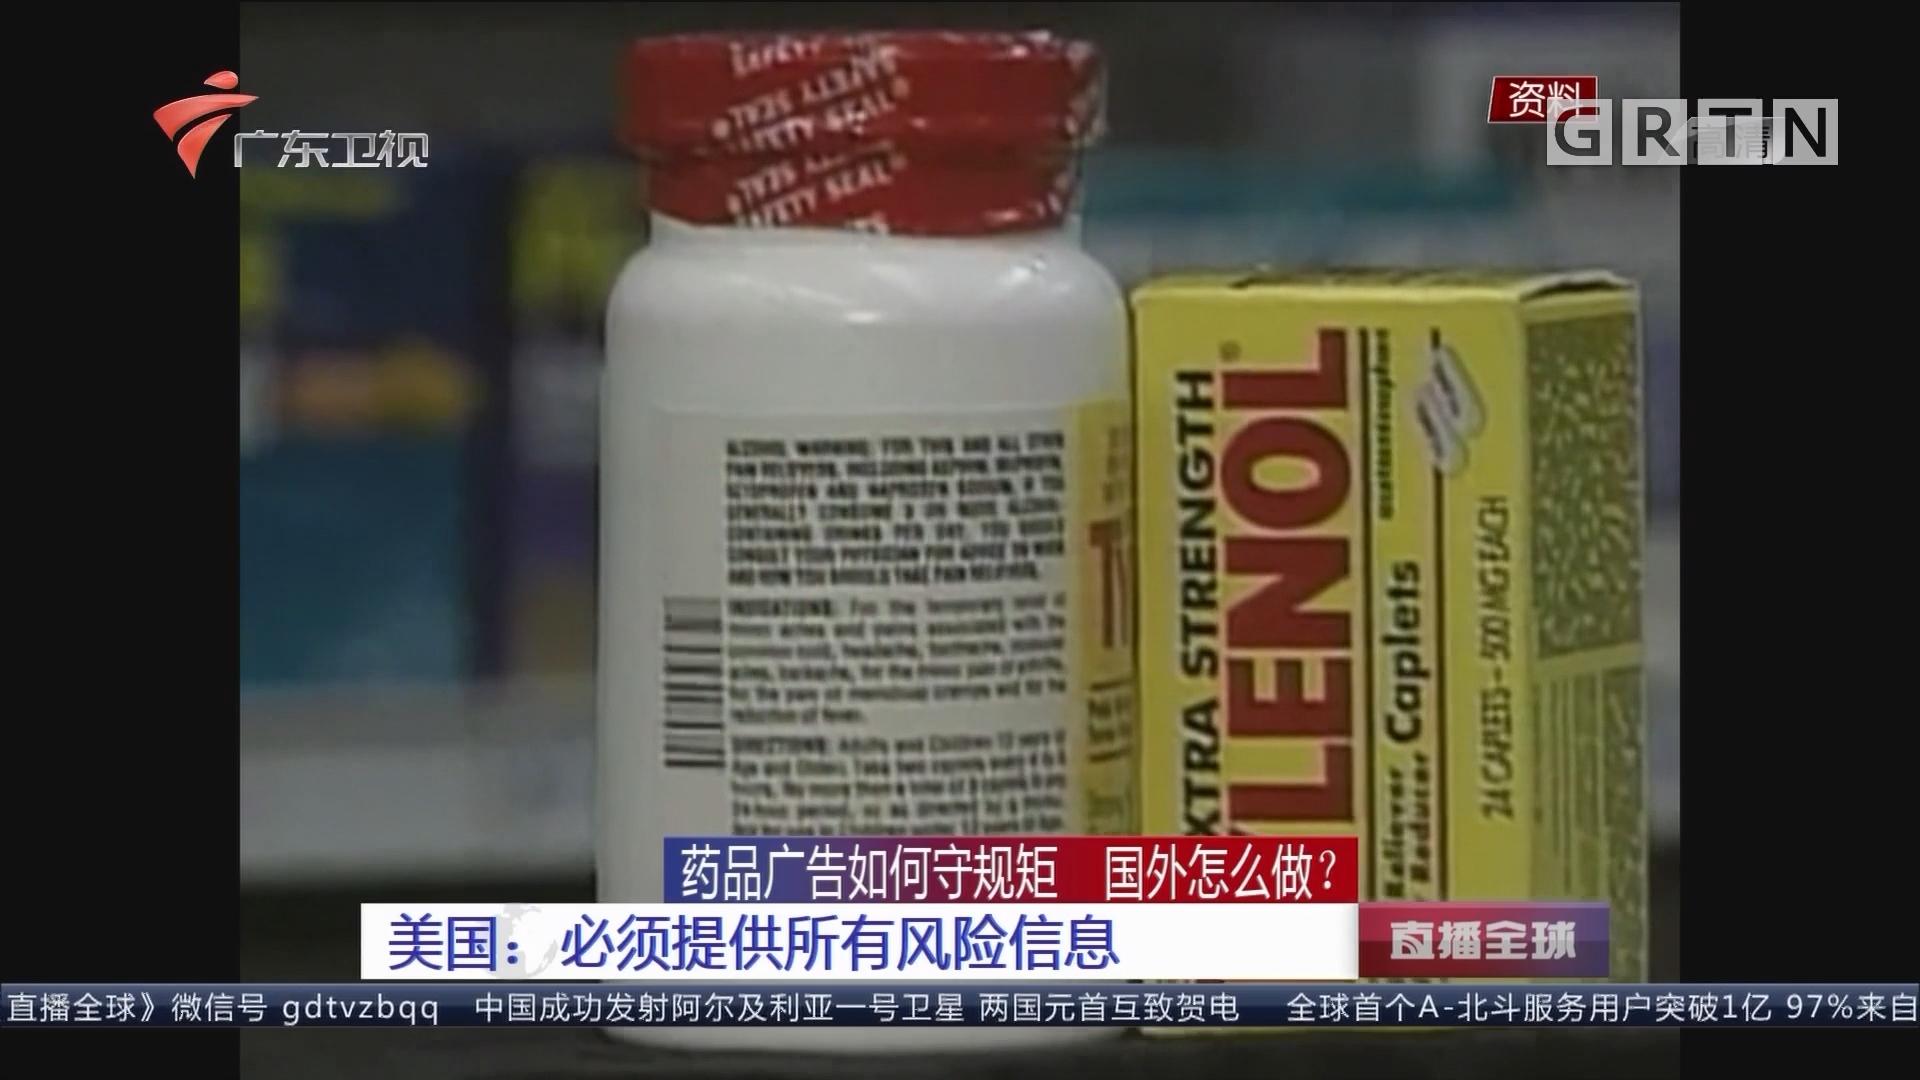 药品广告如何守规矩 国外怎么做?美国:必须提供所有风险信息